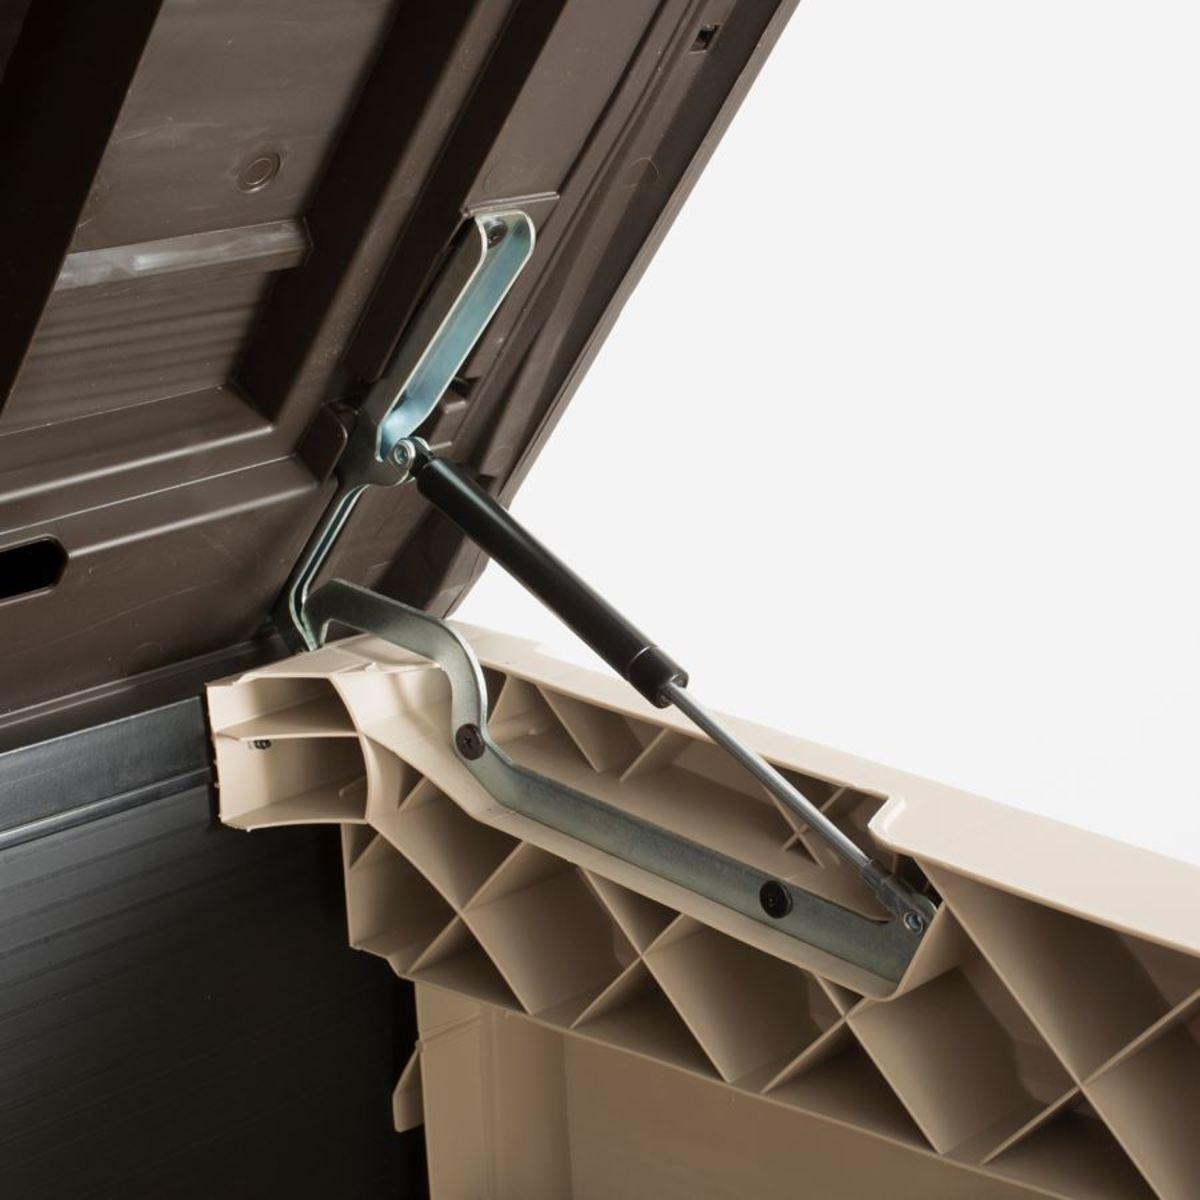 Bild 4 von Keter Garten-Aufbewahrungsbox Store-It-Out Max 145,5x125x82cm